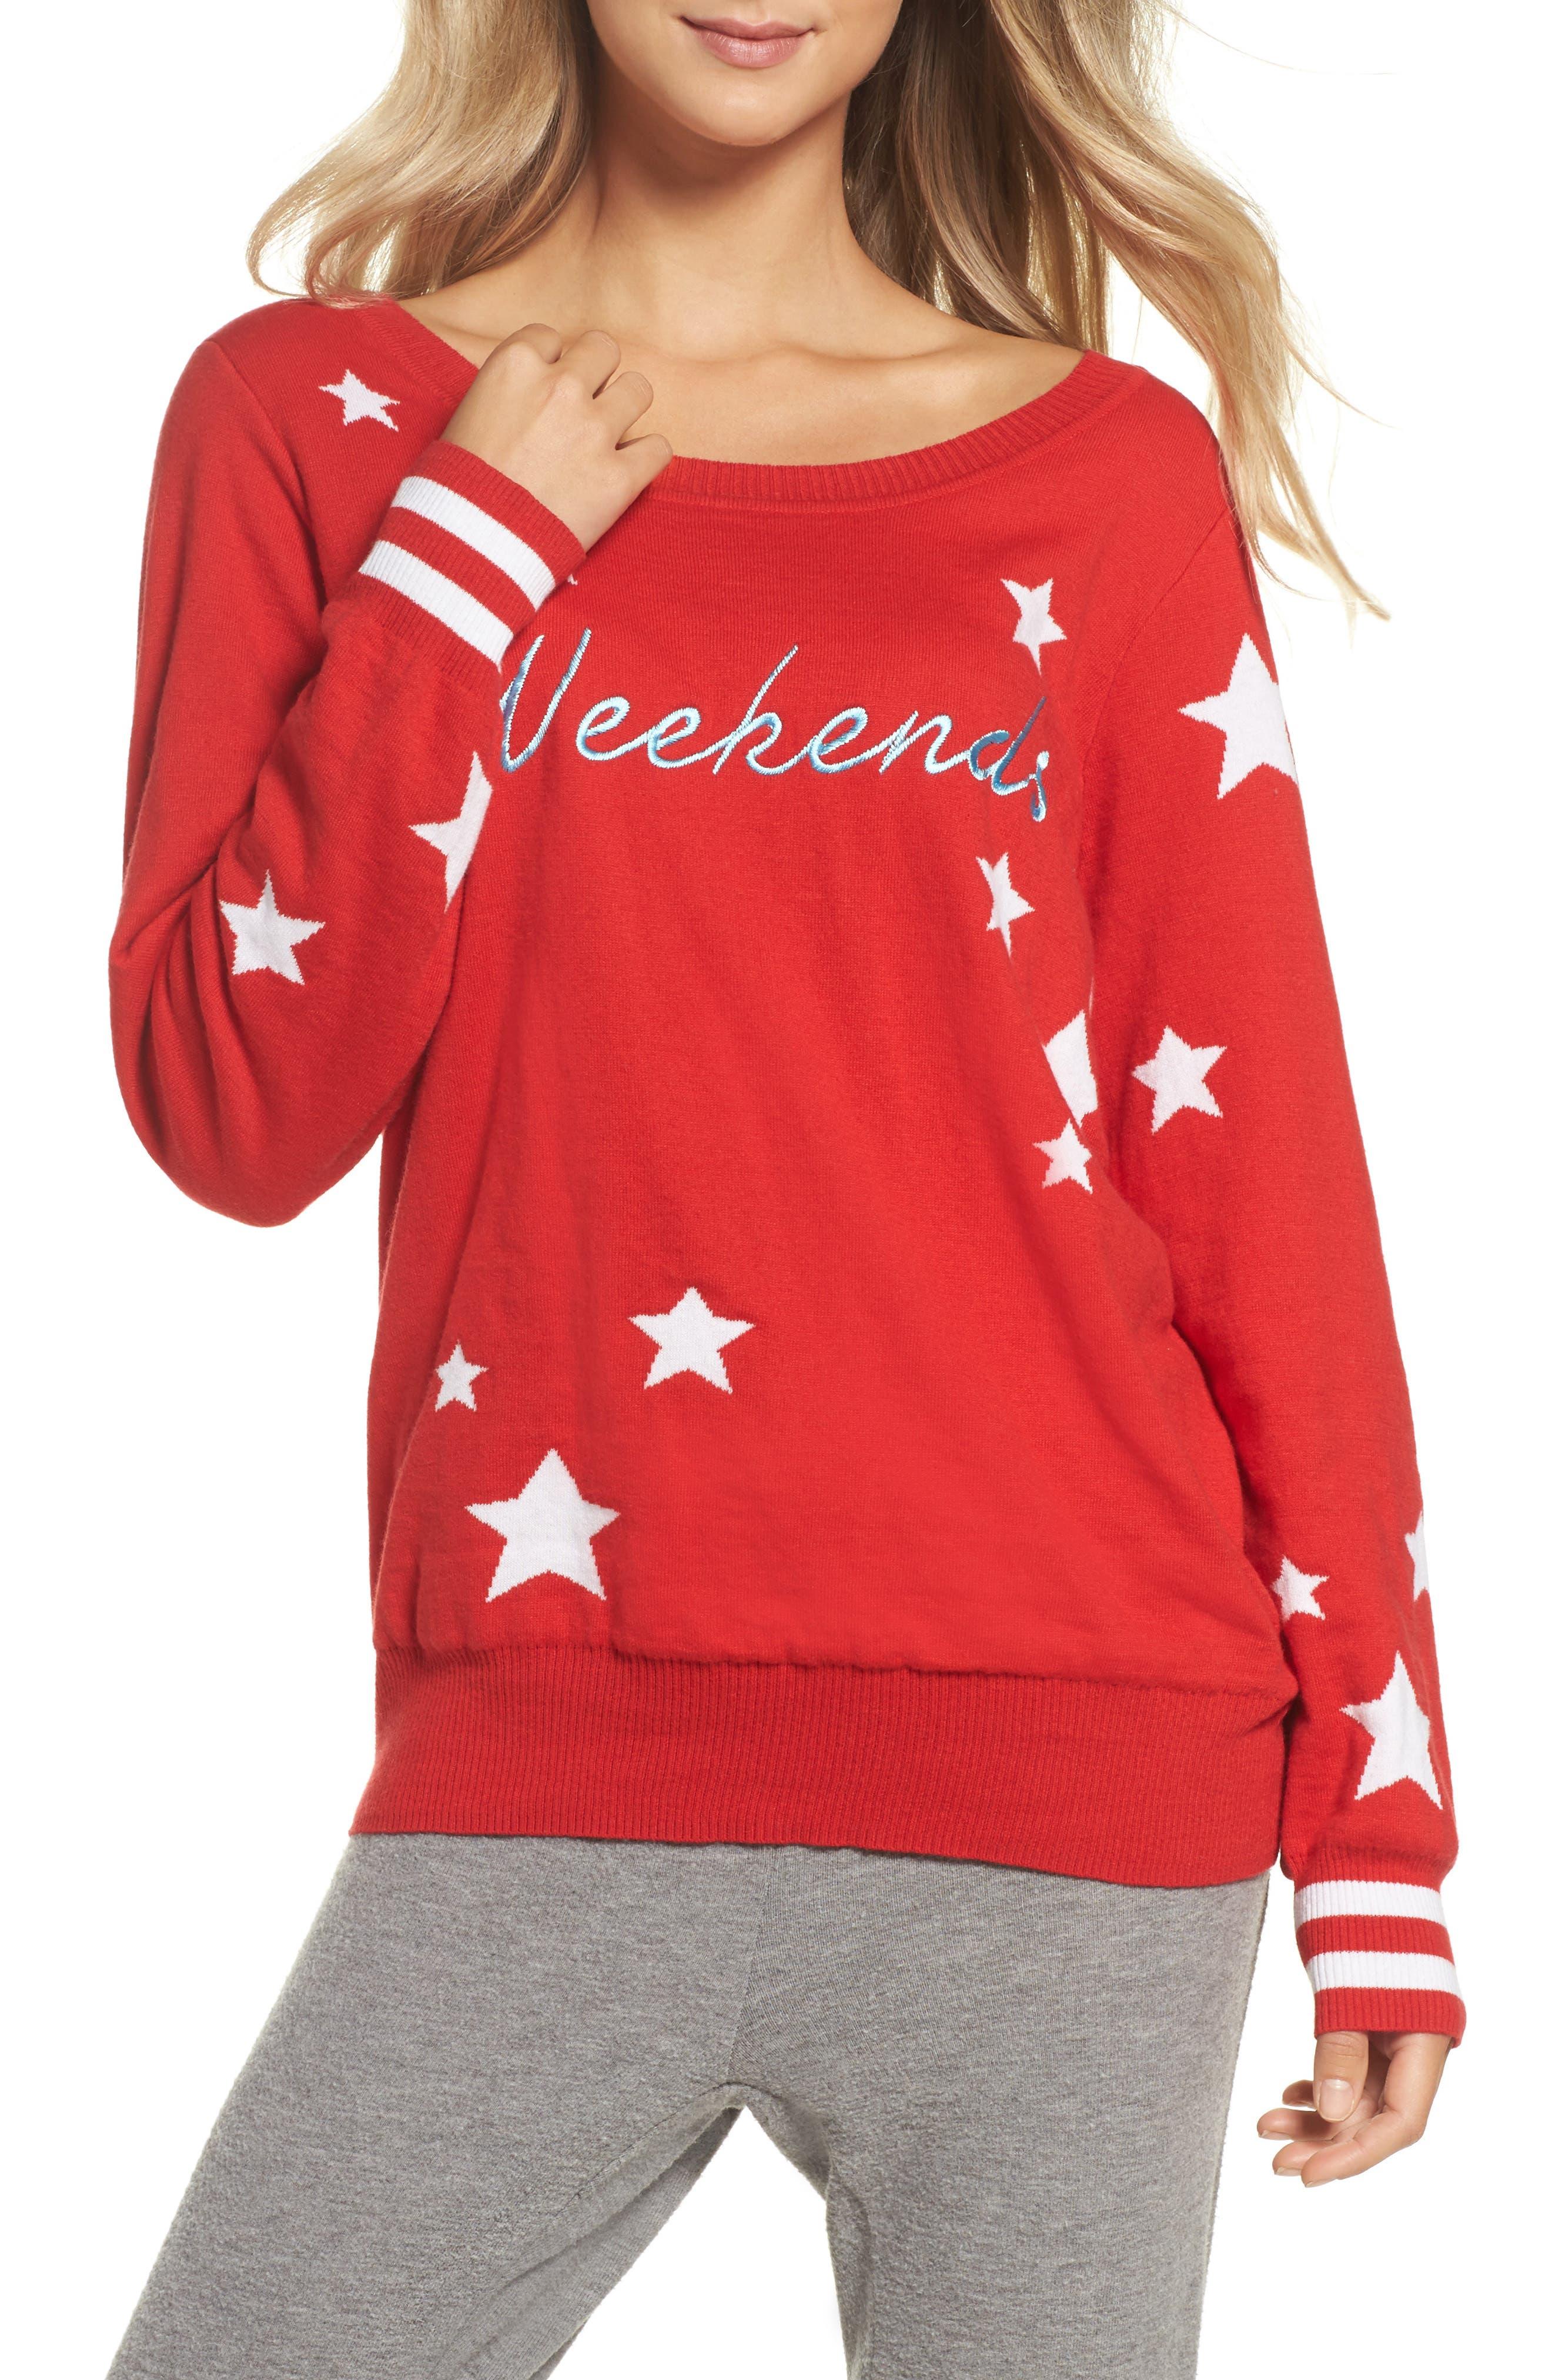 Weekends Intarsia Sweater,                         Main,                         color, Cardinal